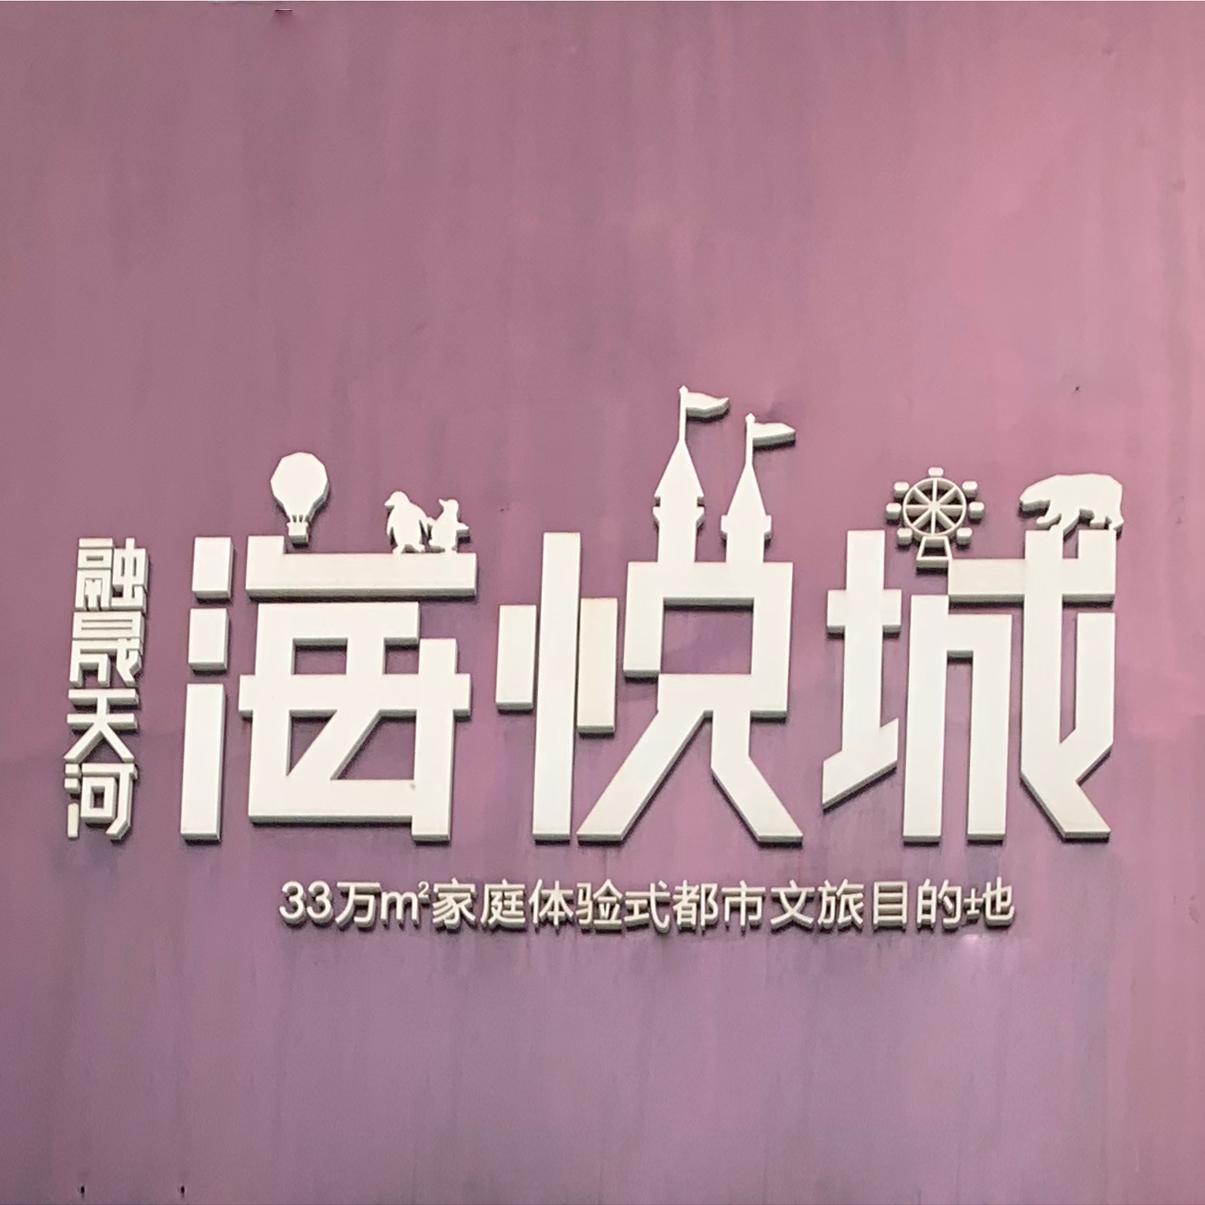 融晟天河-海悦城标识系统